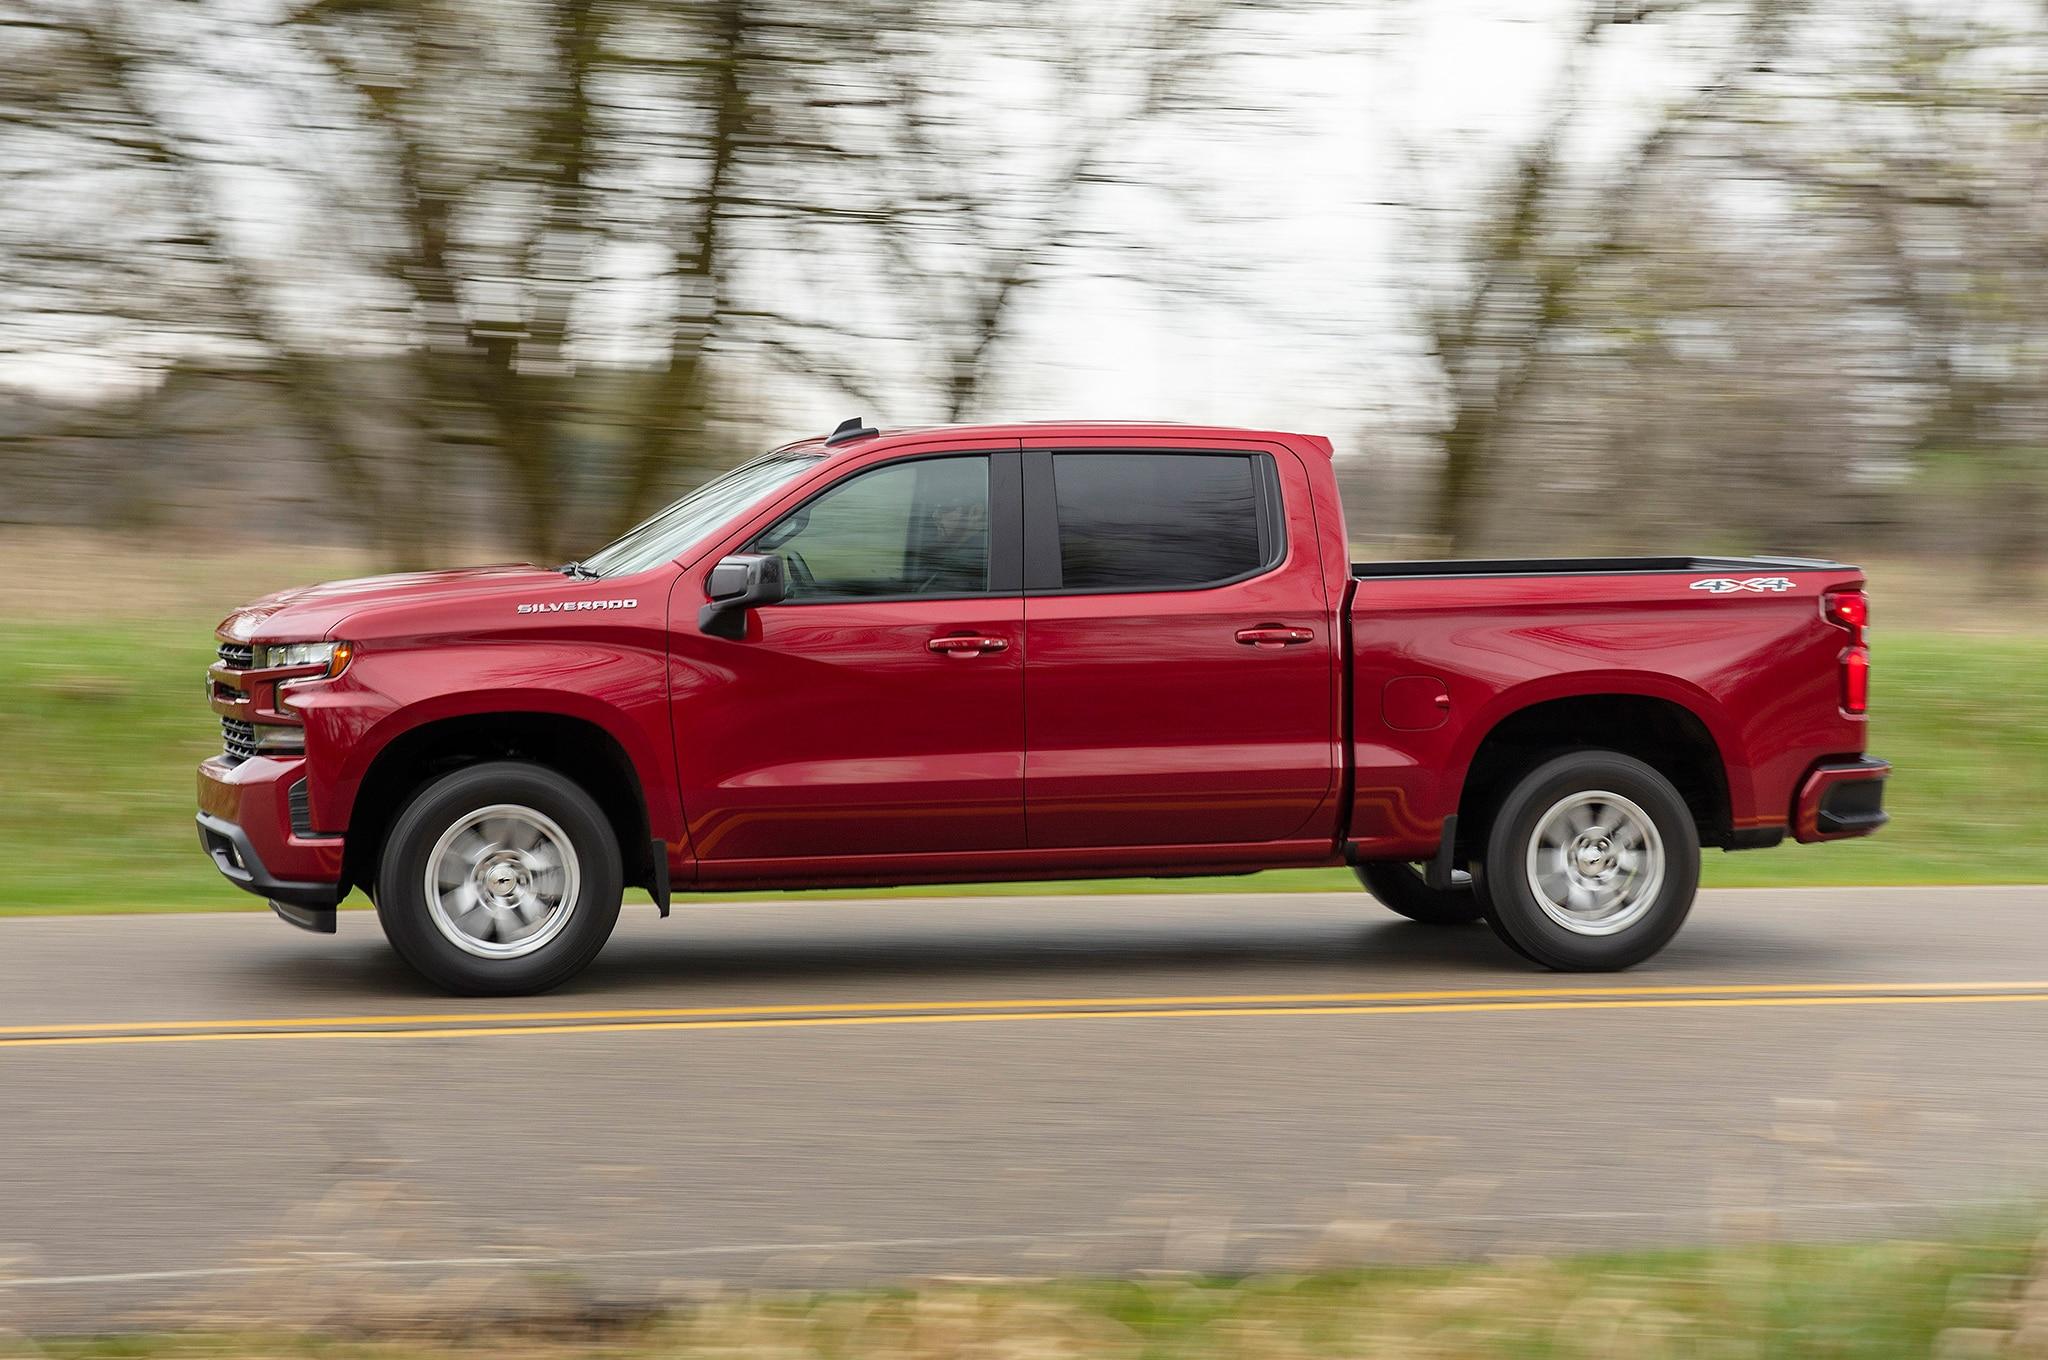 Motor cuatro cilindros de Chevrolet Silverado 2019 entrega ...